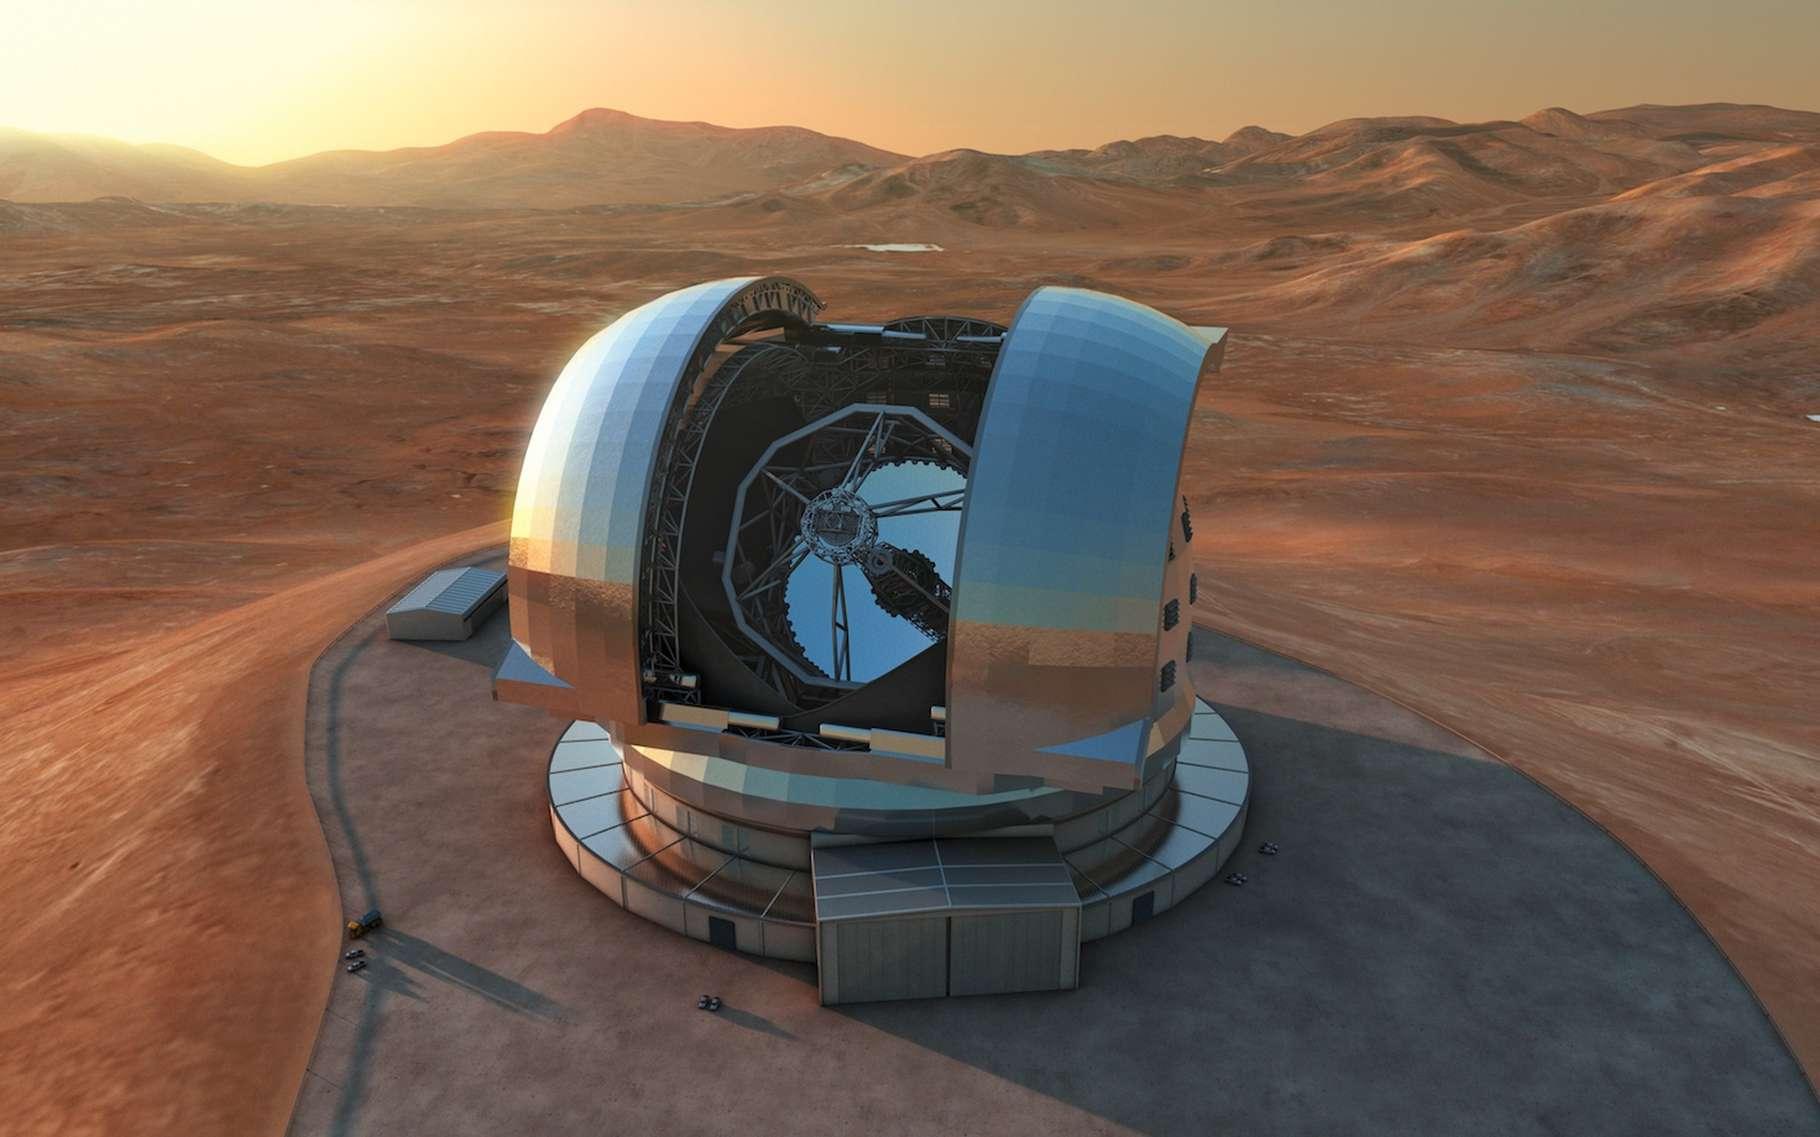 Aujourd'hui, les astronomes butent sur le premier milliard d'années après le Big Bang. Avec l'E-ELT, son miroir primaire de 39 mètres et ses instruments, dont le spectrographe multi-objets Mosaic, ce télescope géant sera capable d'observer et d'étudier des objets formés entre 100.000 et 400.000 années après le Big Bang. © Eso